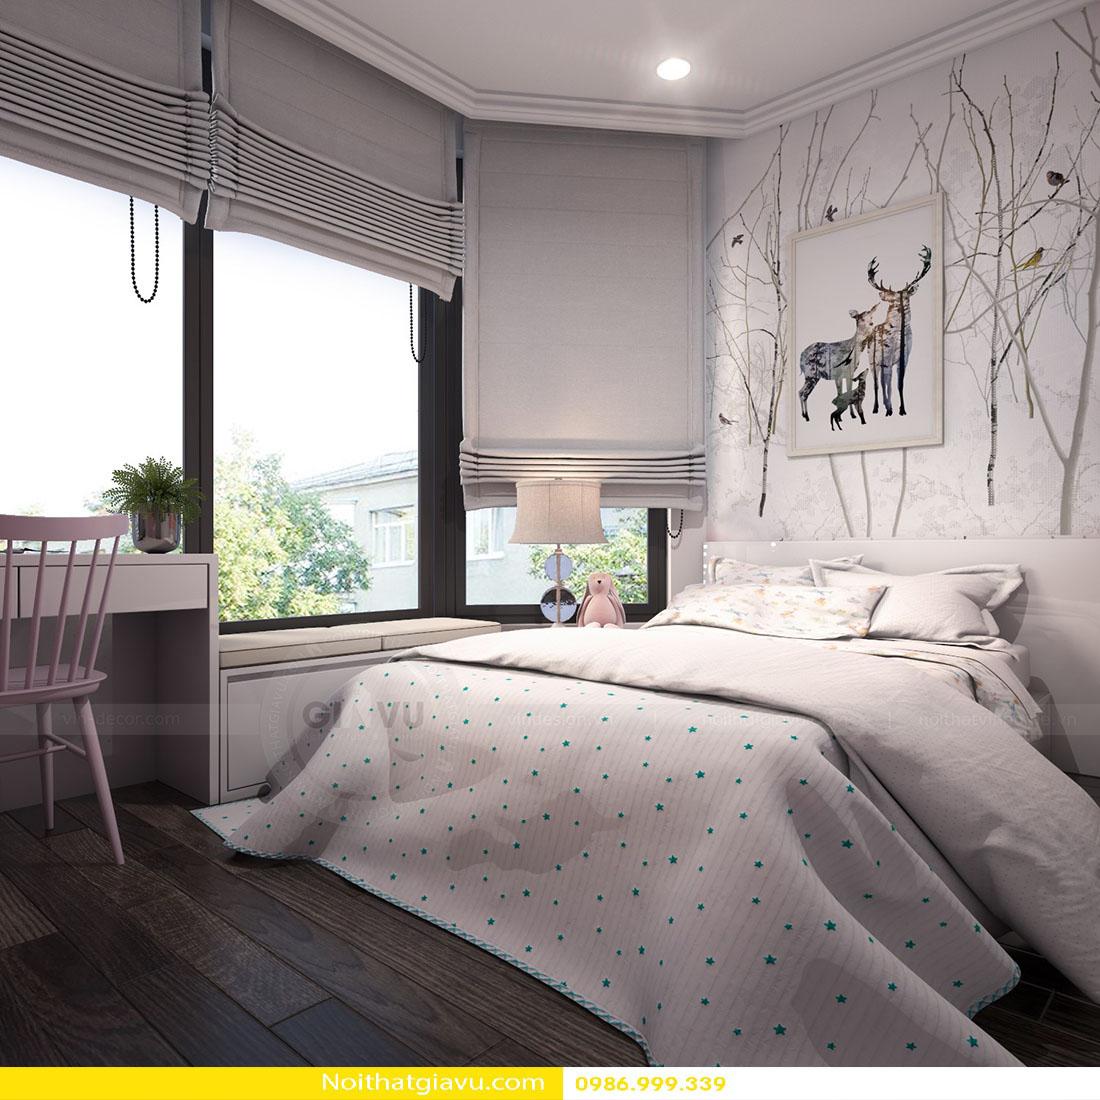 gợi ý thiết kế nội thất chung cư D Capitale đẹp đẳng cấp hiện đại 19